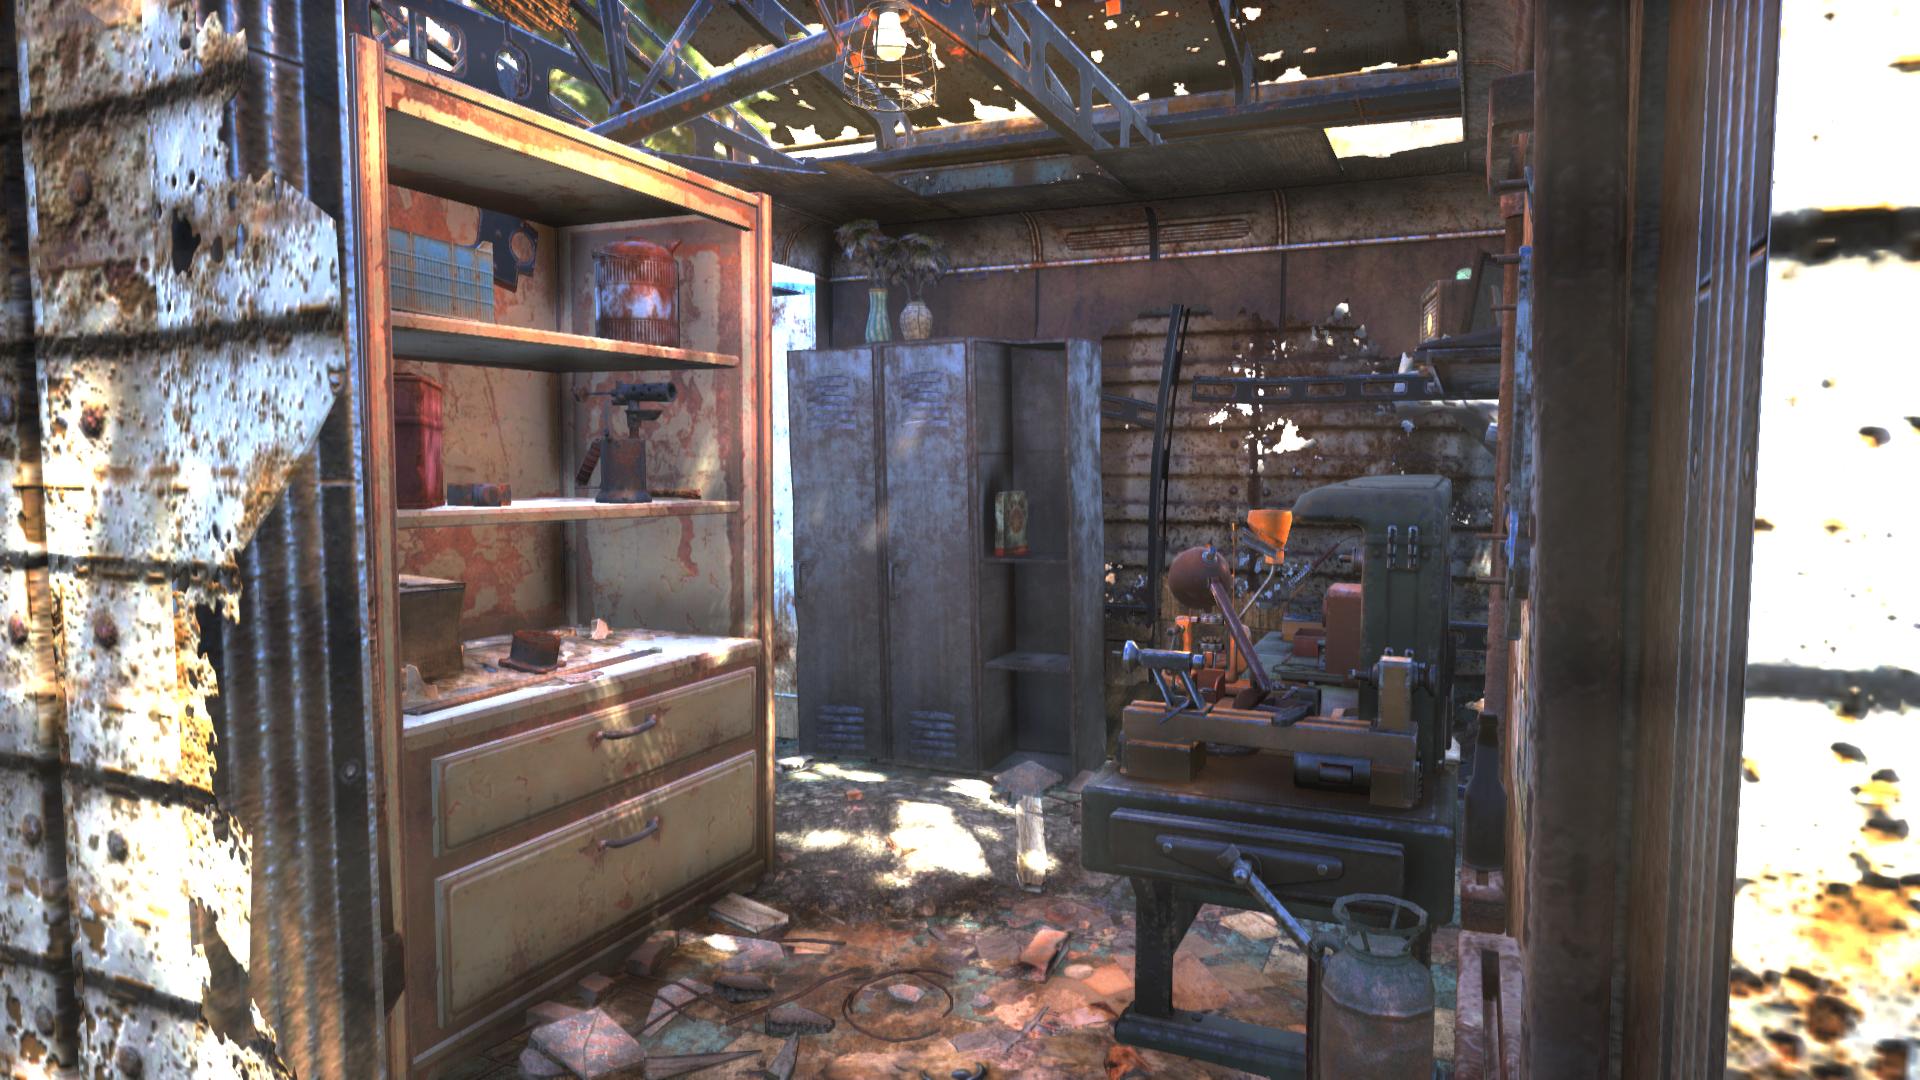 FO76 safecracker's shack supply room